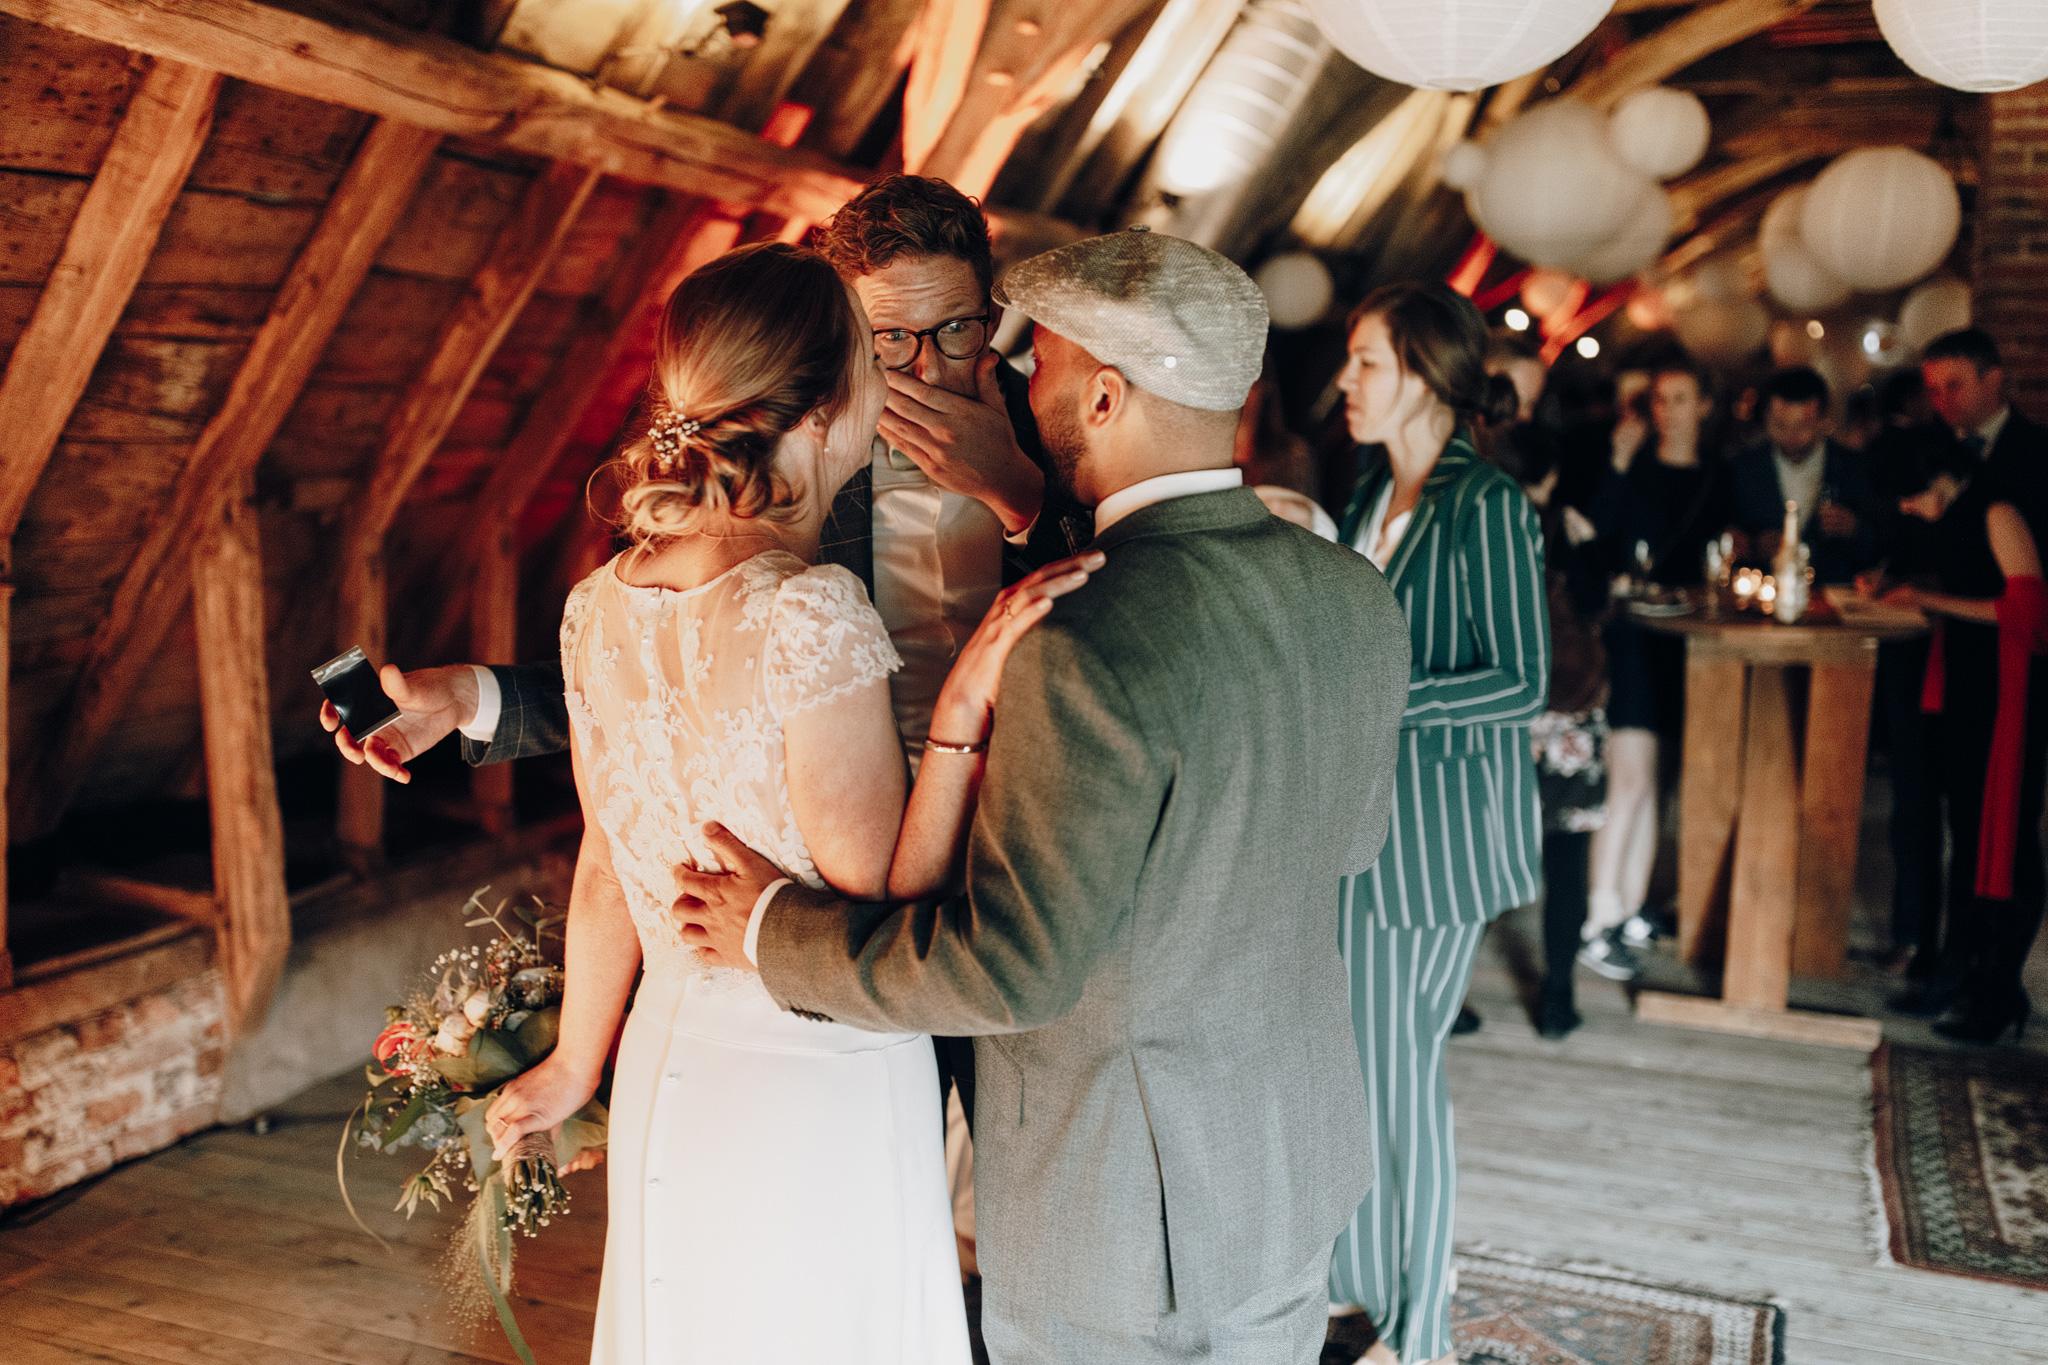 Bruid en bruidegom tijdens borrel zolder Kloster Graefenthal